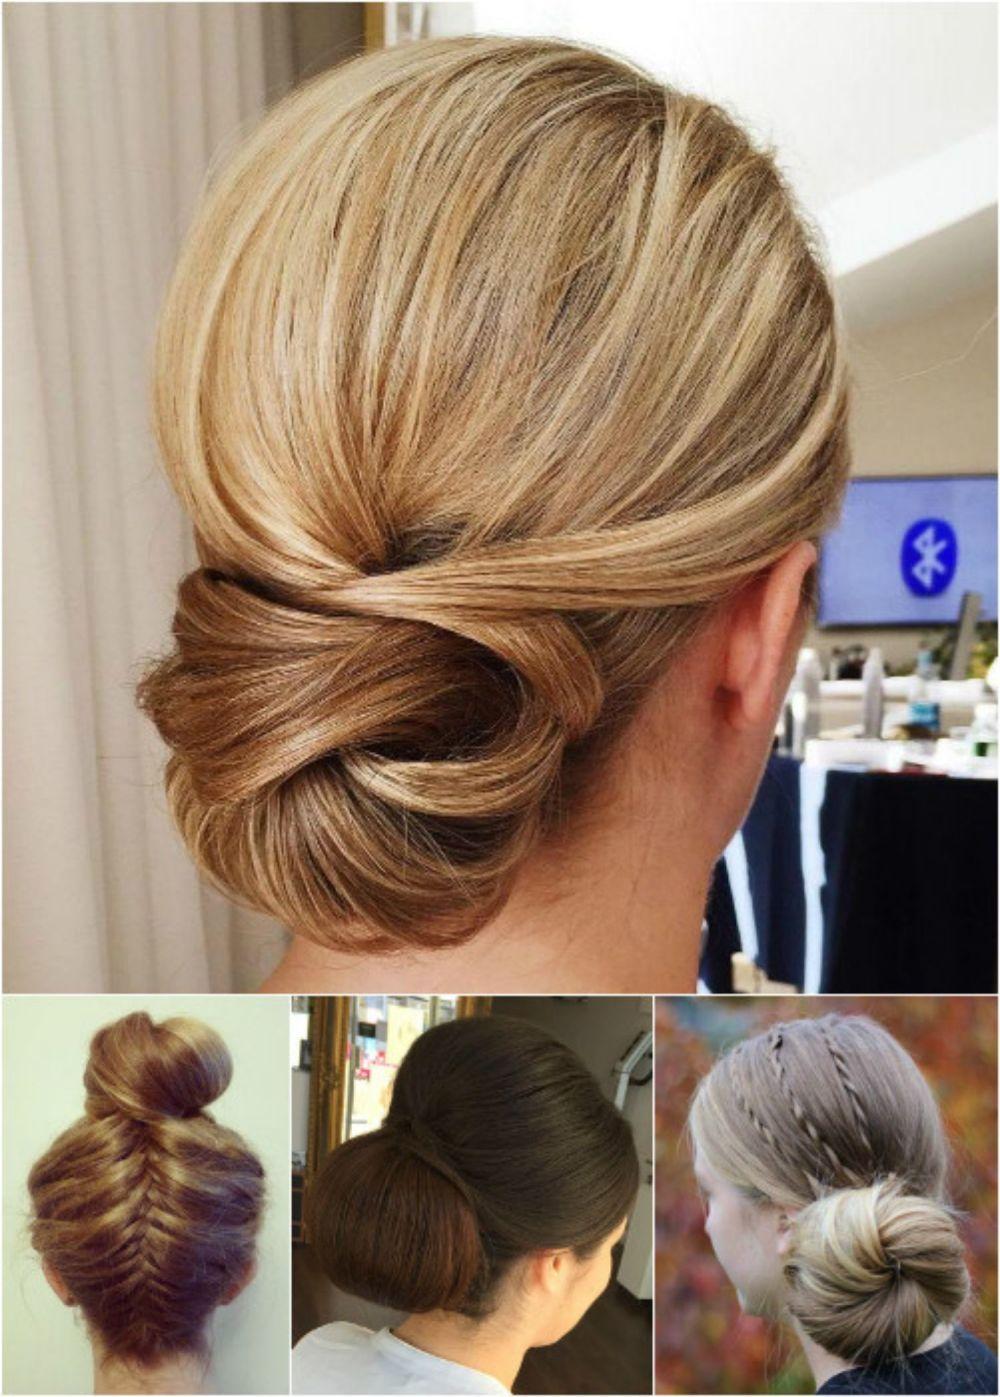 trendiest updos for medium length hair in hair styles